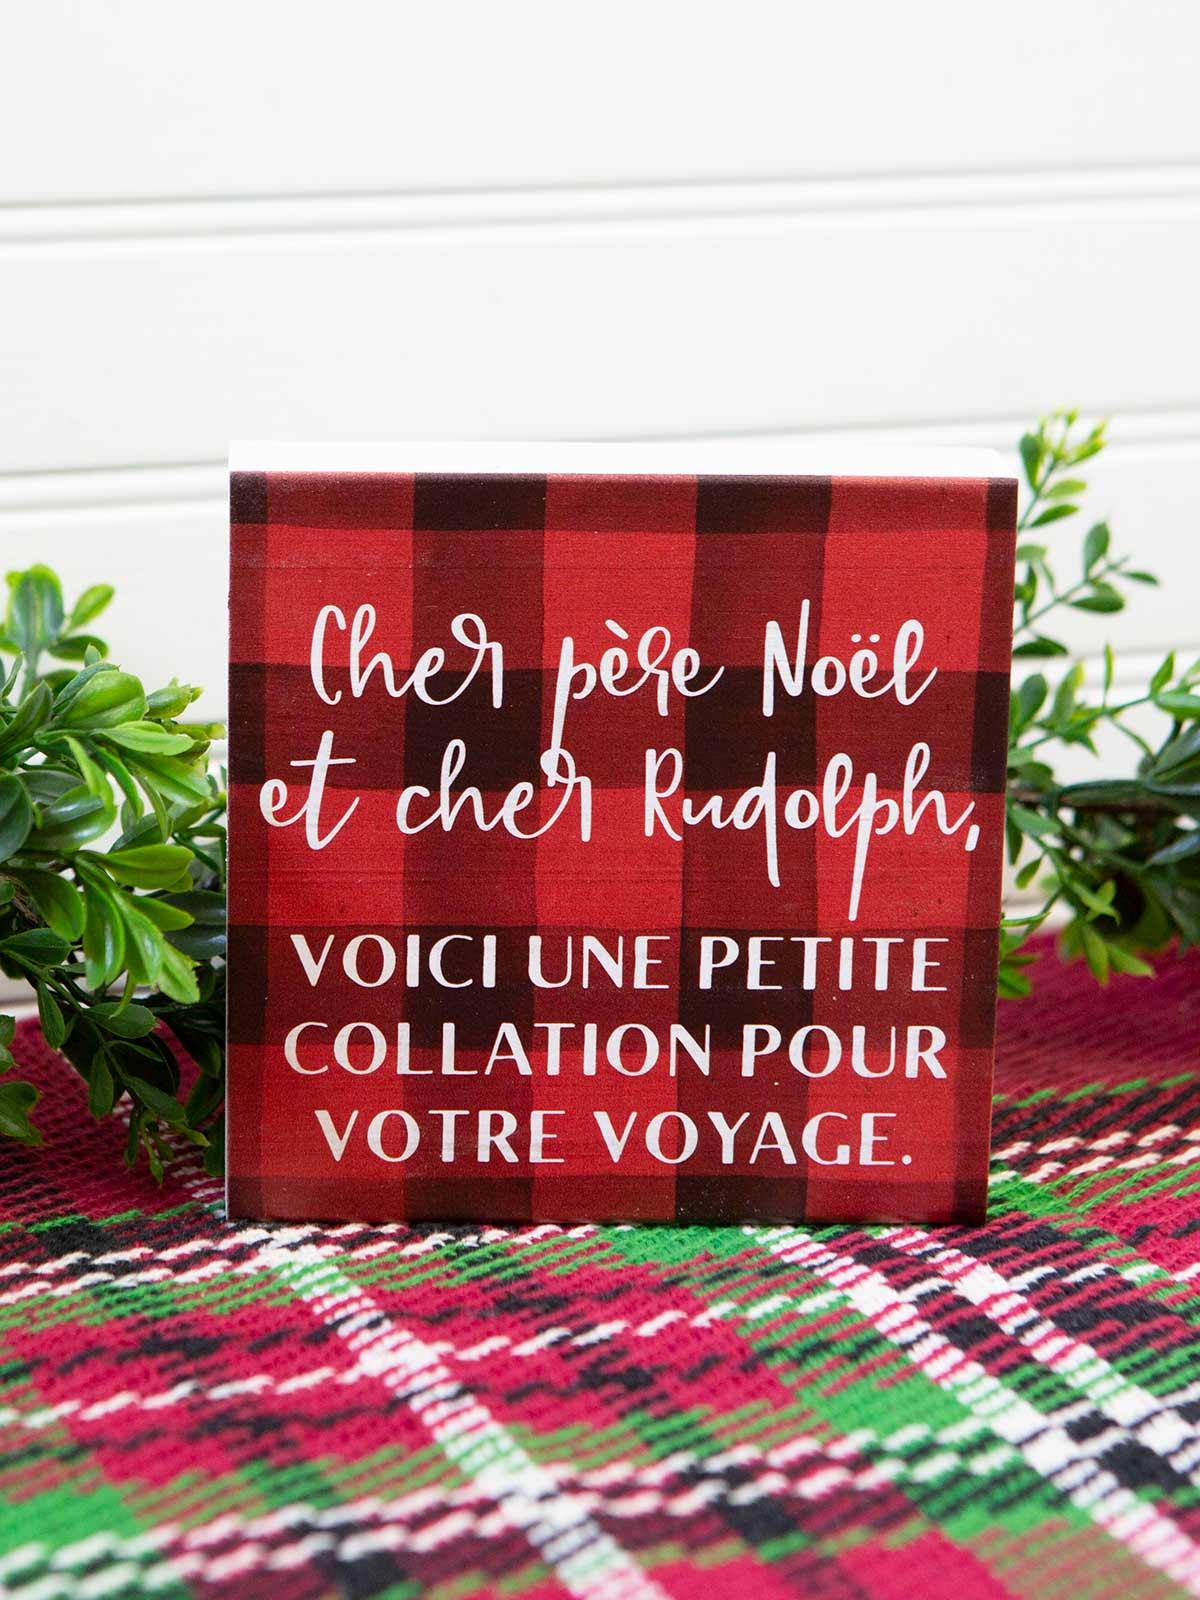 Cher Pere Noel Panneau de Bois